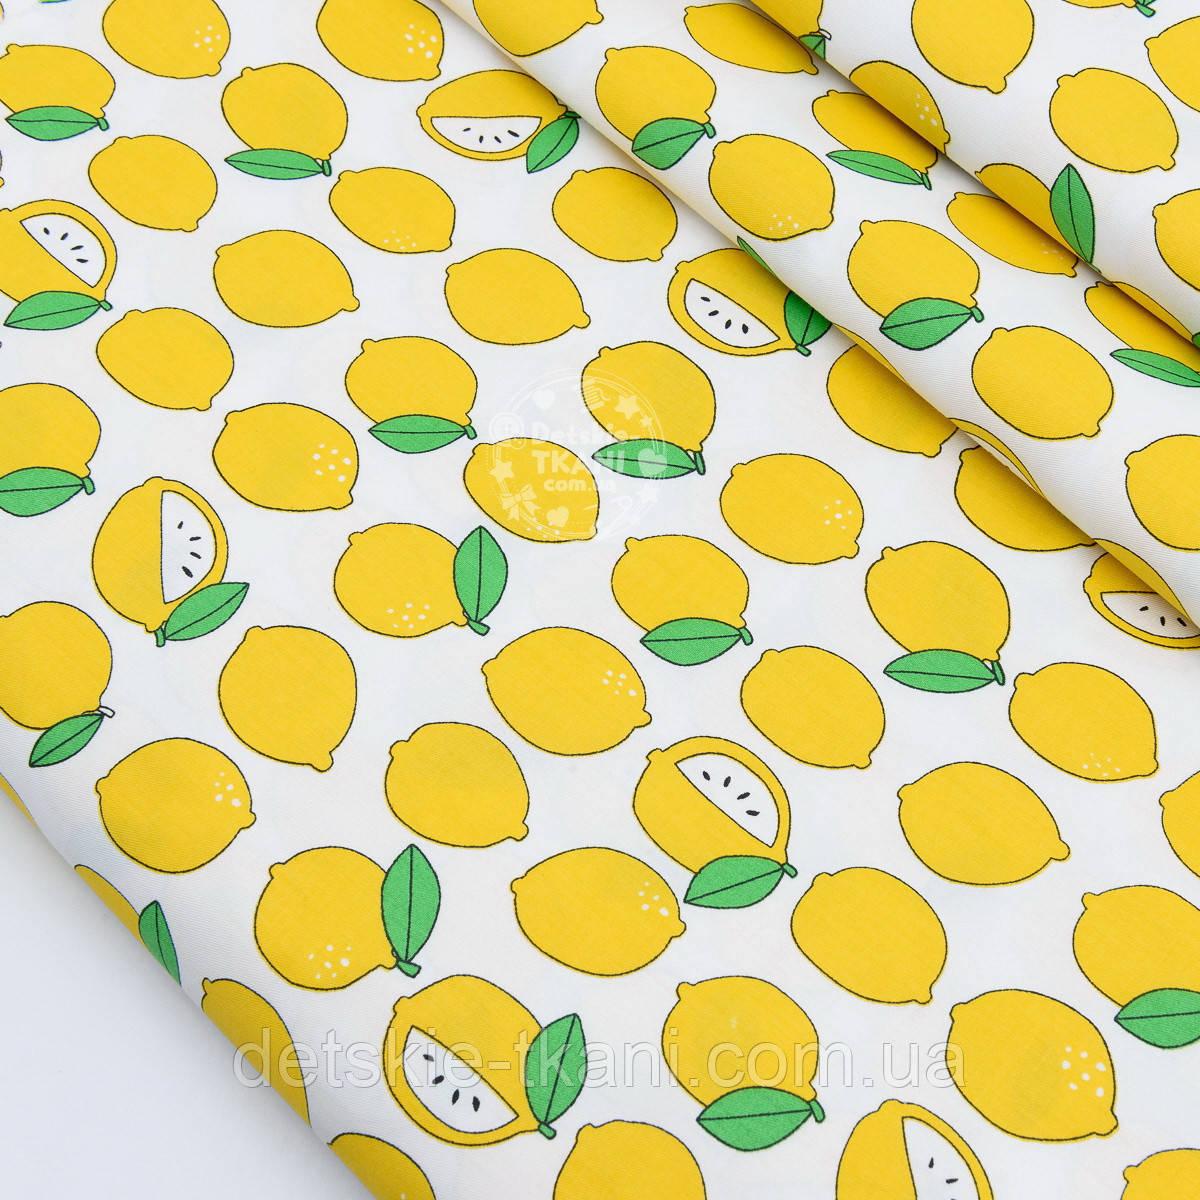 """Сатин ткань """"Лимоны"""" жёлтые на белом, № 1700с"""